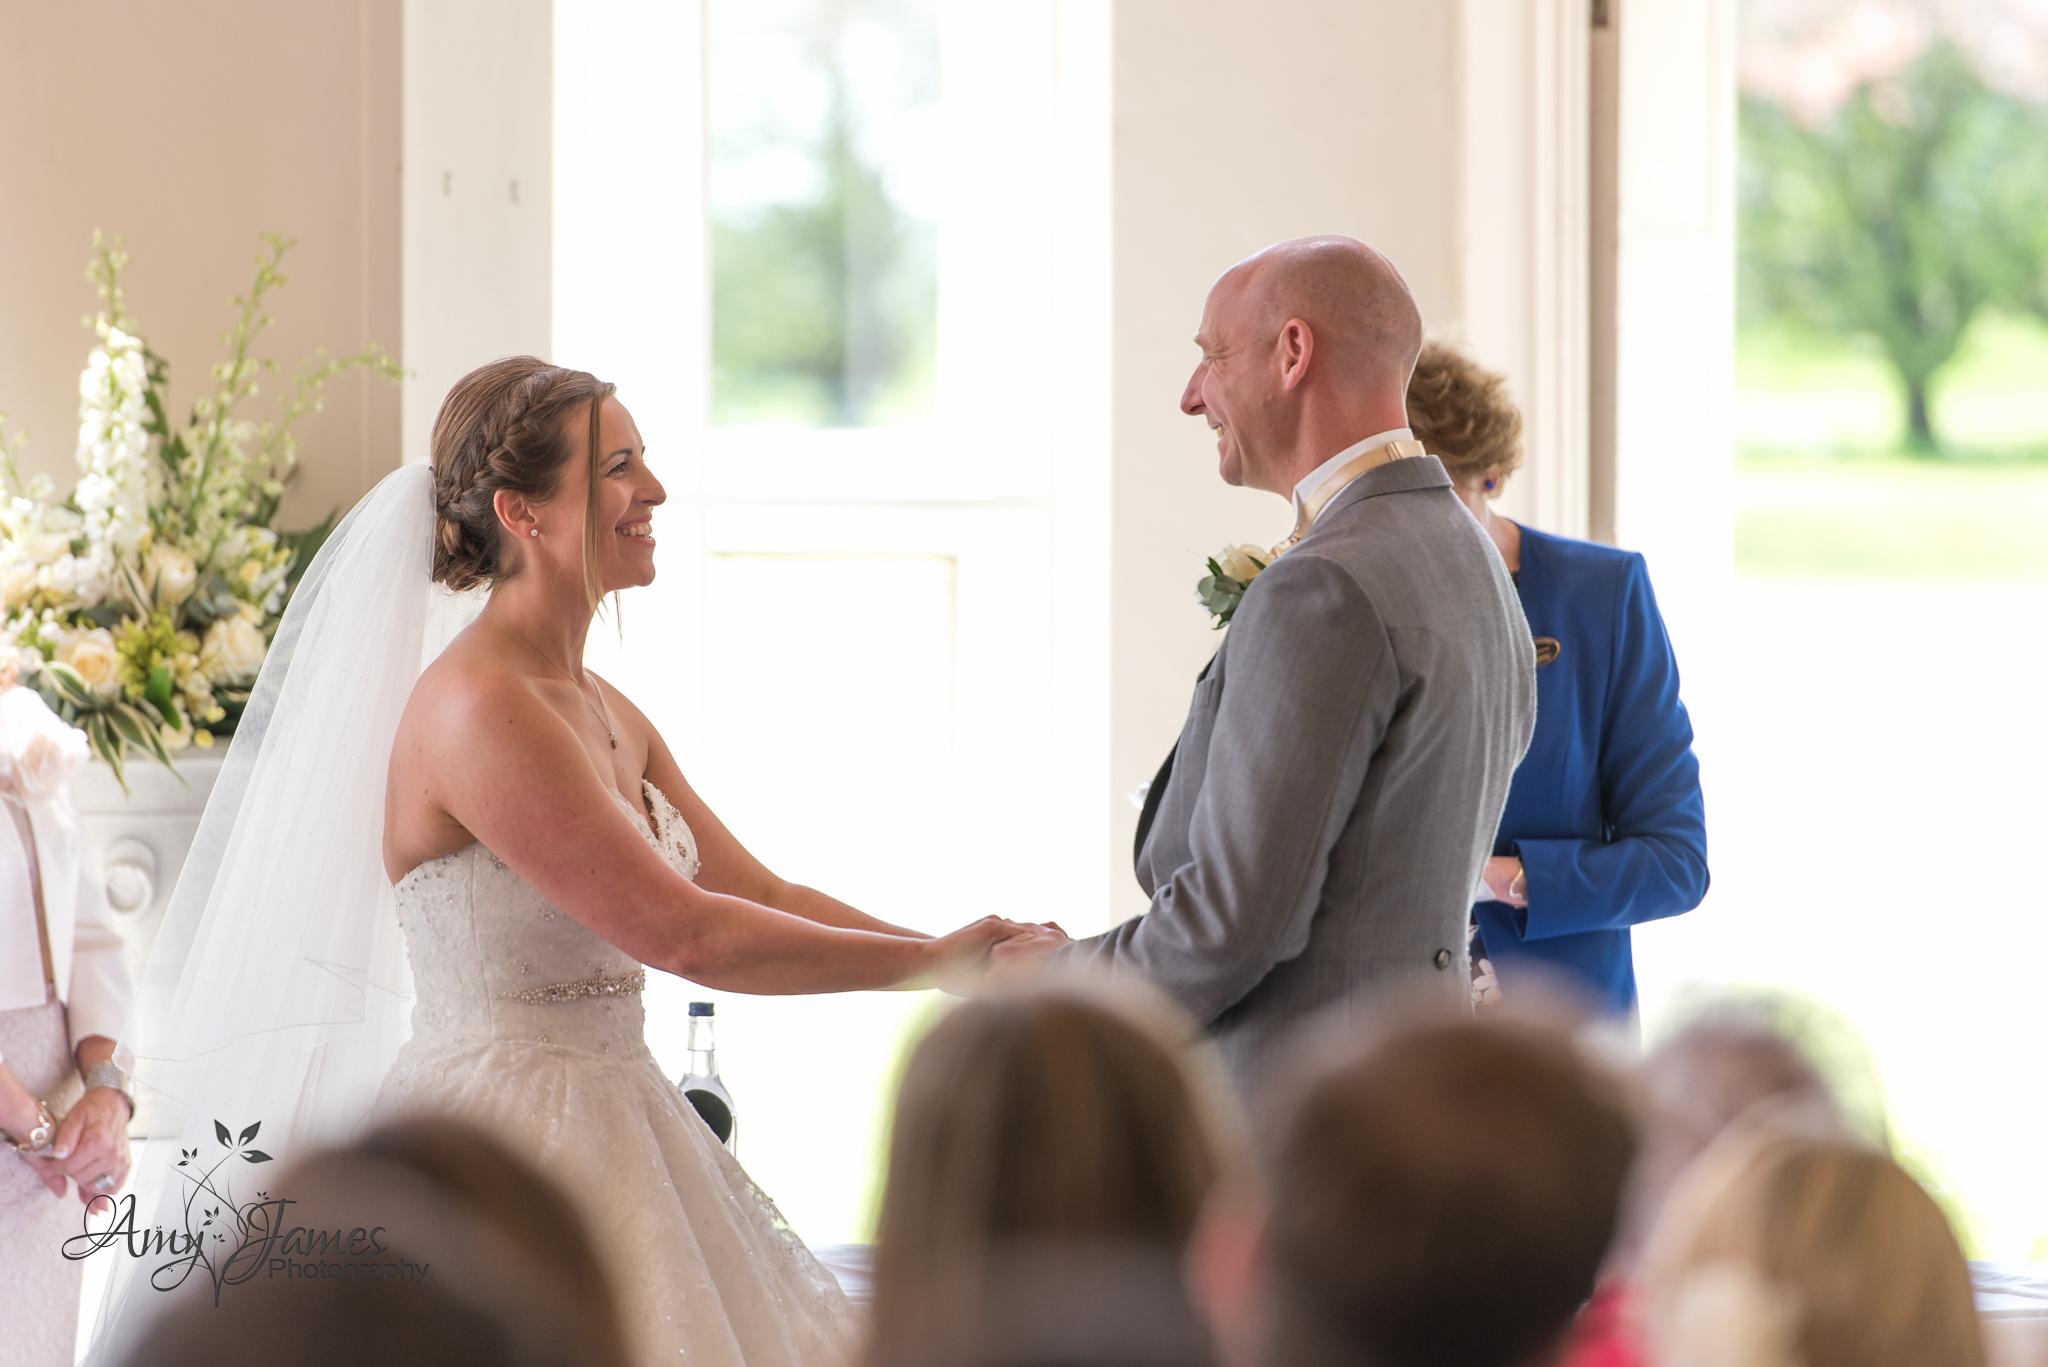 Wedding photographer Hampshire // Audleys Wood Hotel Wedding // Basingstoke Wedding